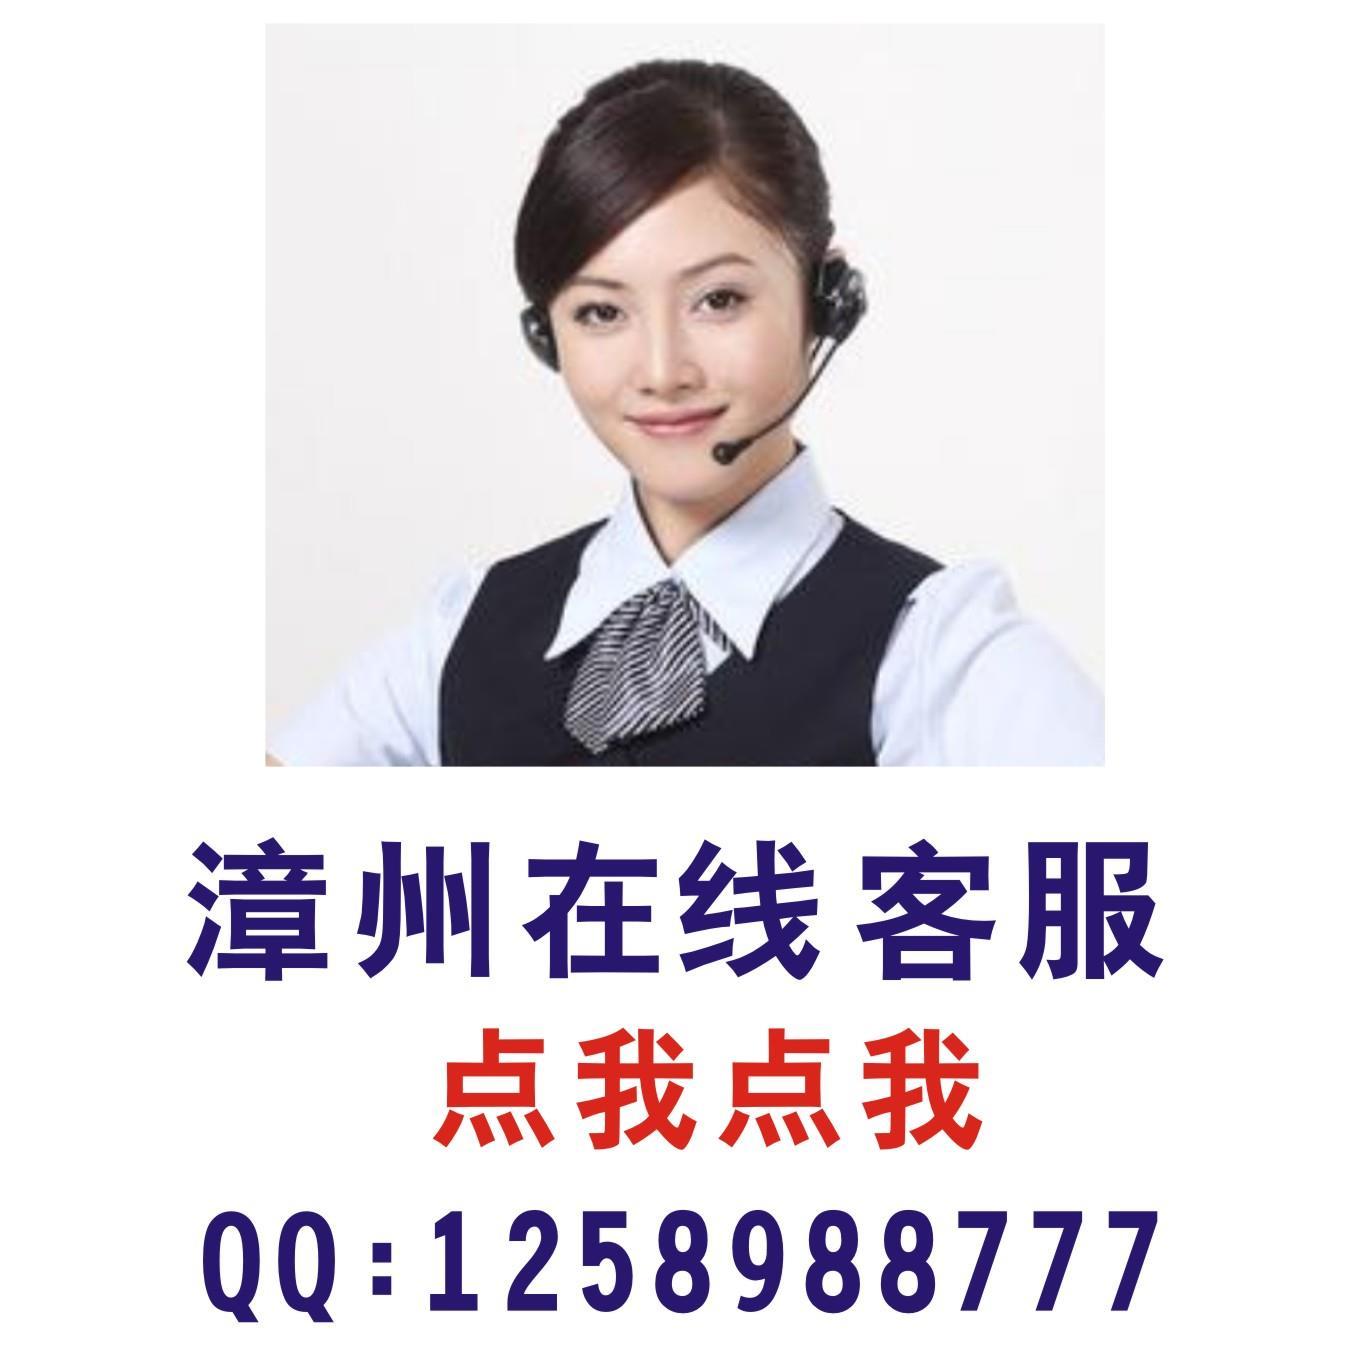 漳州客服QQ